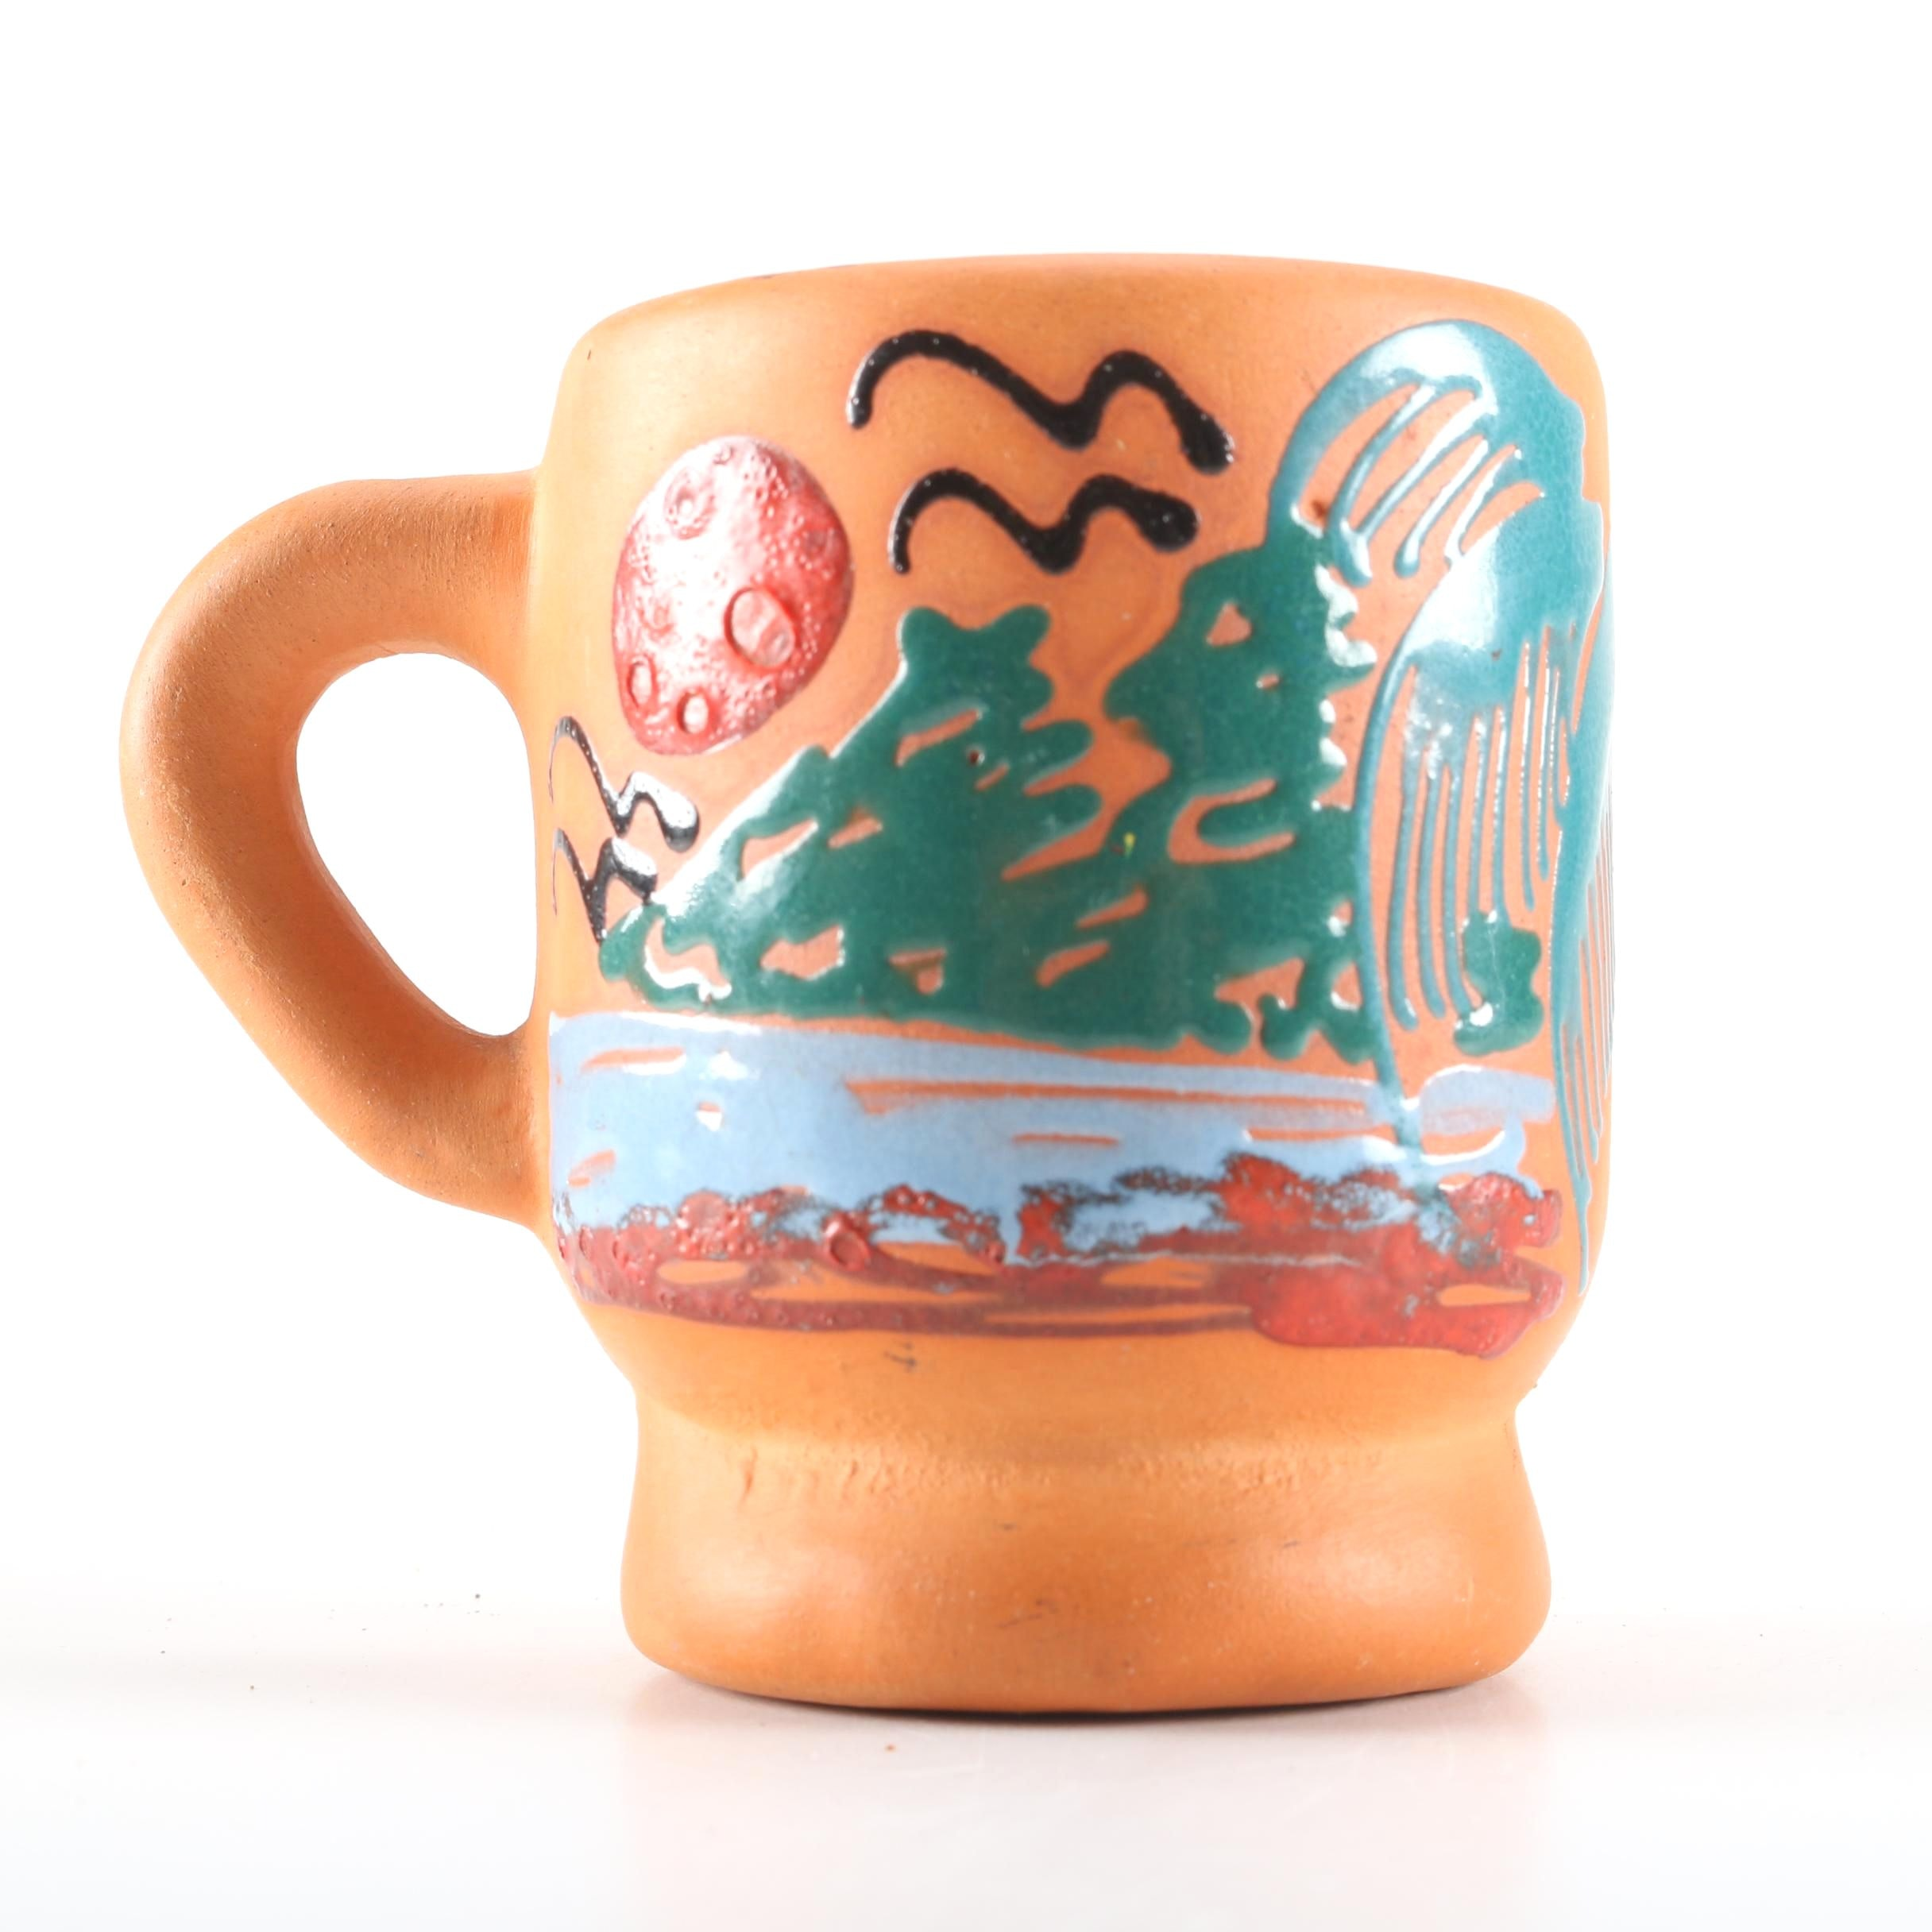 Hand Painted Ceramic Mug